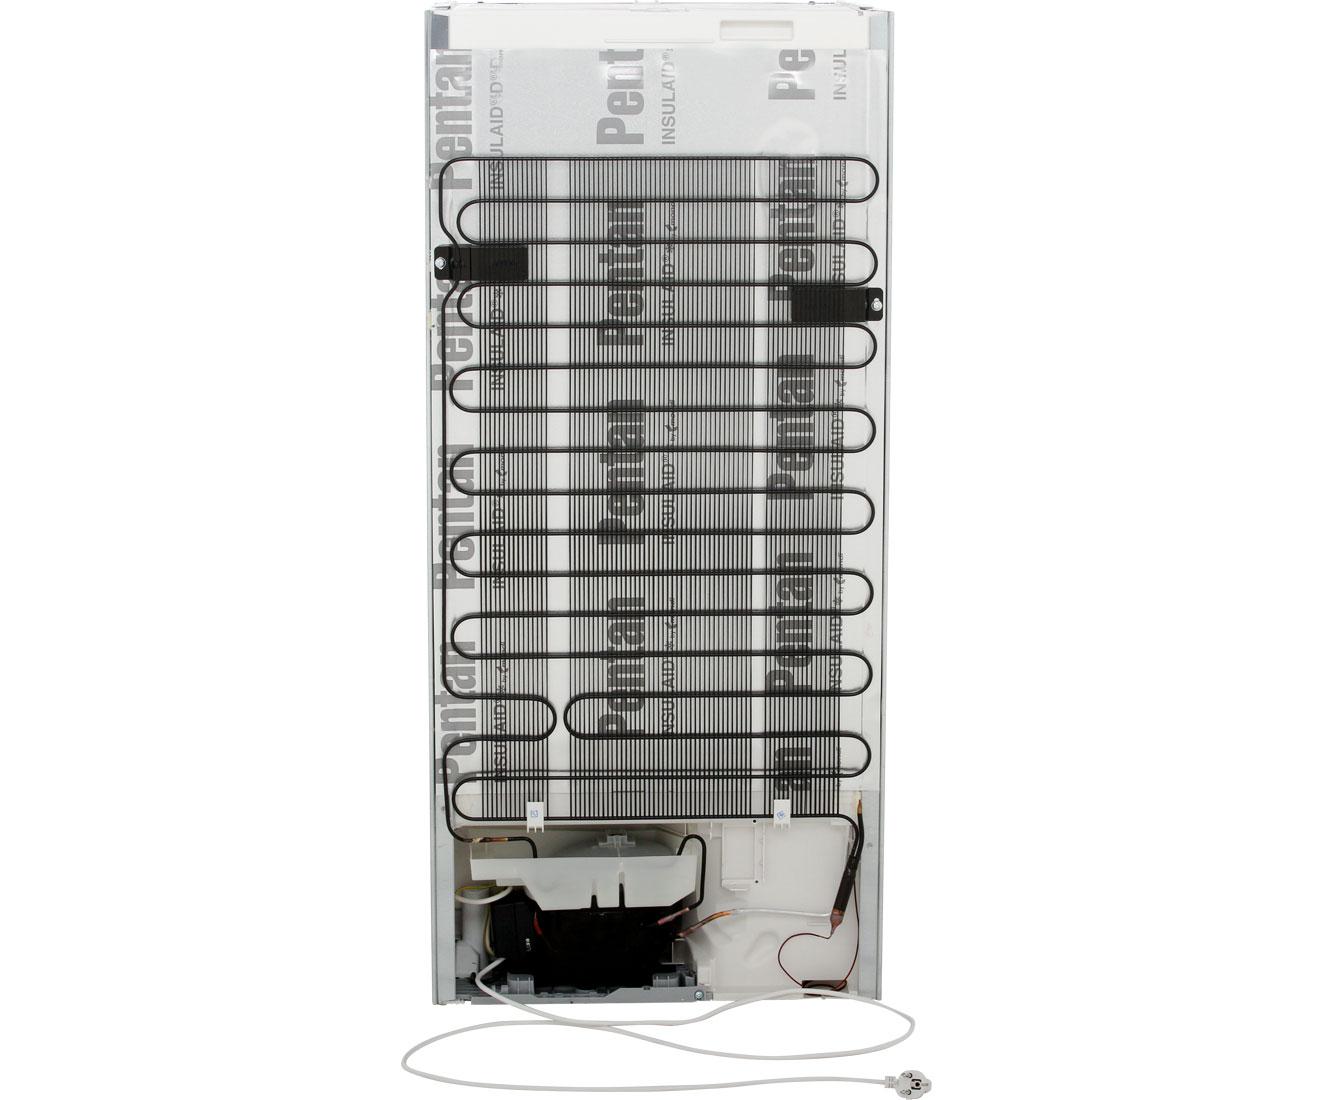 Bosch Kühlschrank Alte Modelle : Alter bosch kühlschrank ebay kleinanzeigen